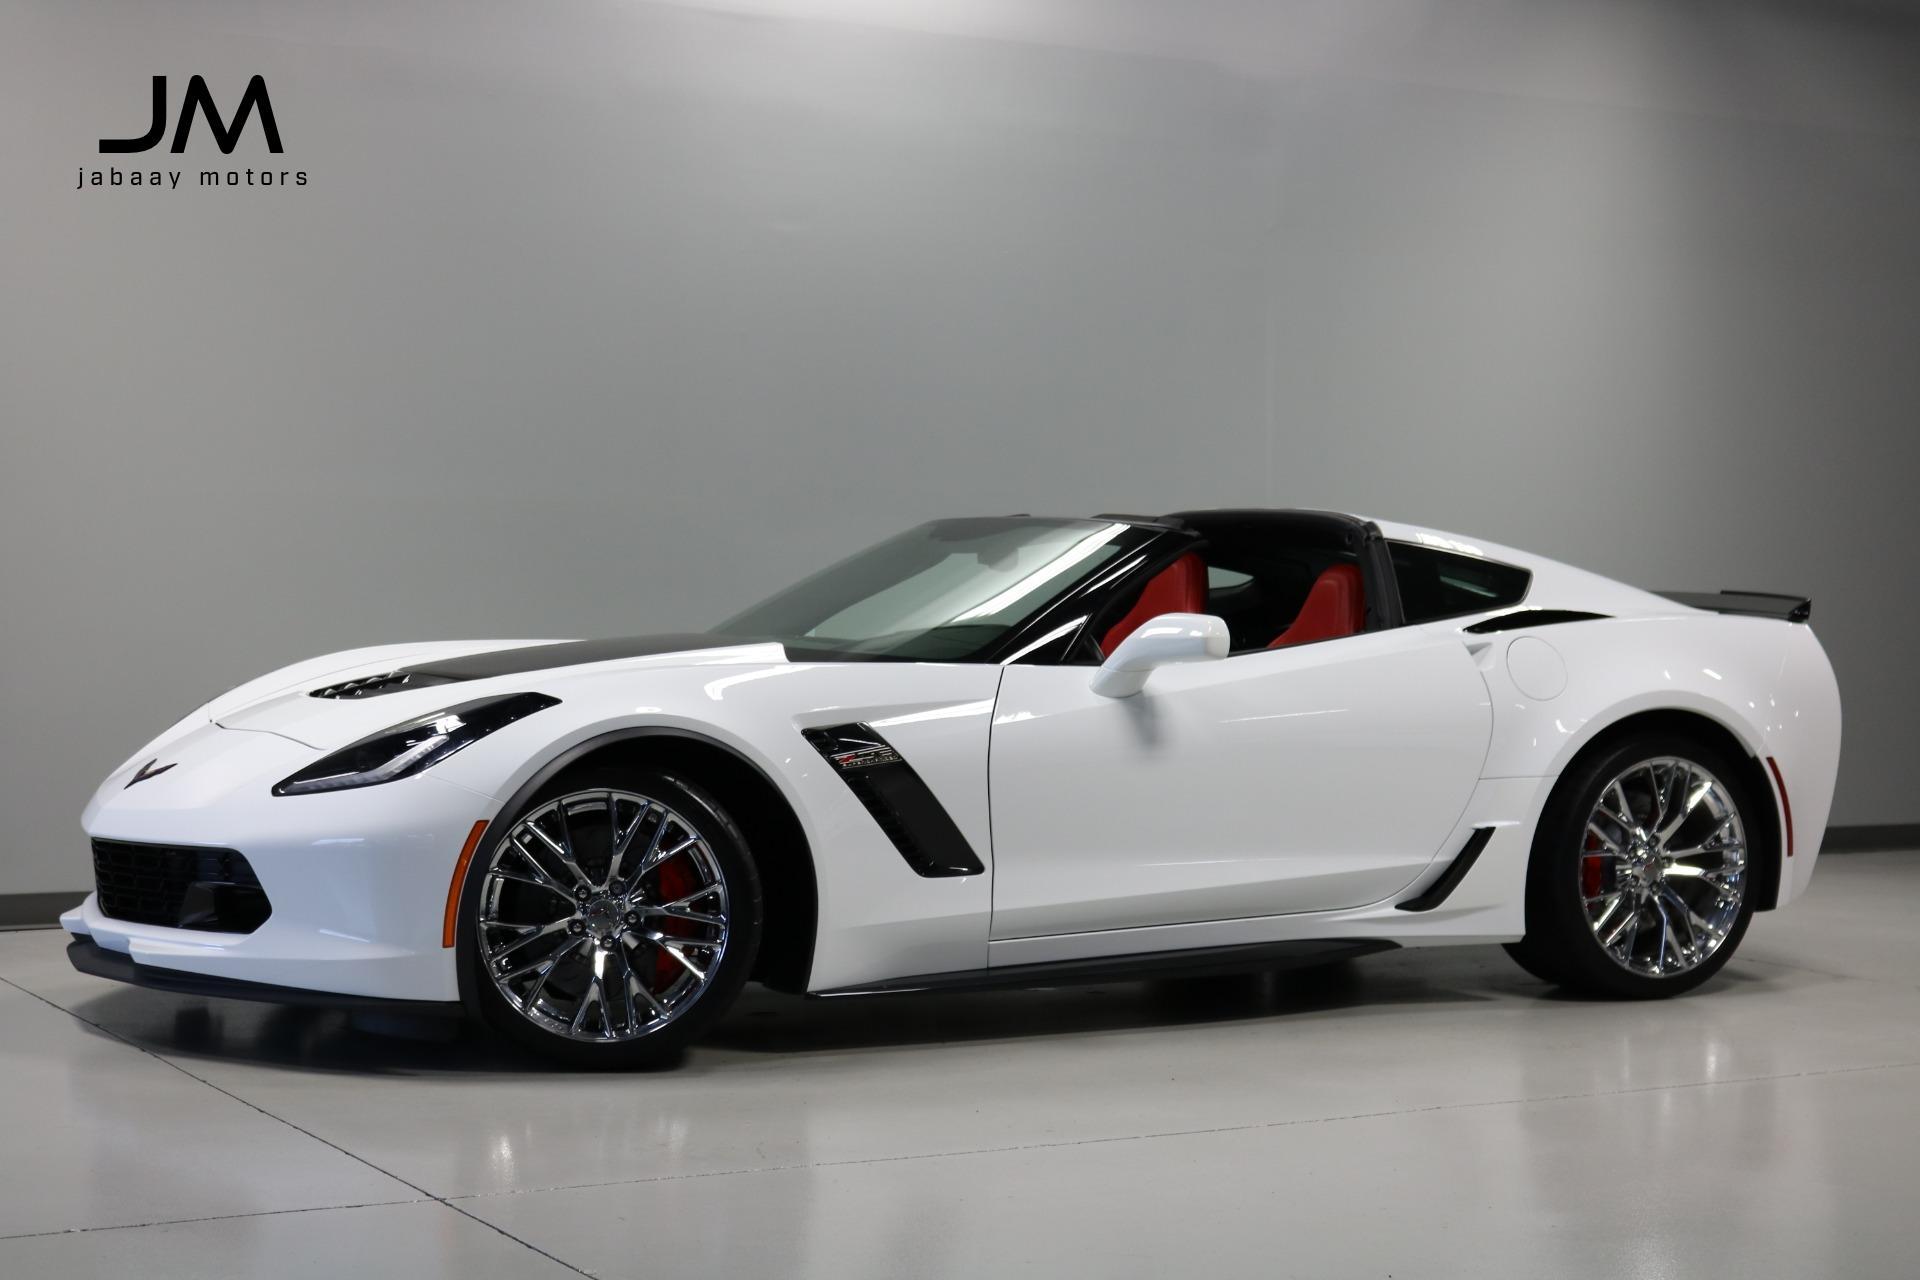 Used 2017 Chevrolet Corvette Z06 For Sale 70 000 Jabaay